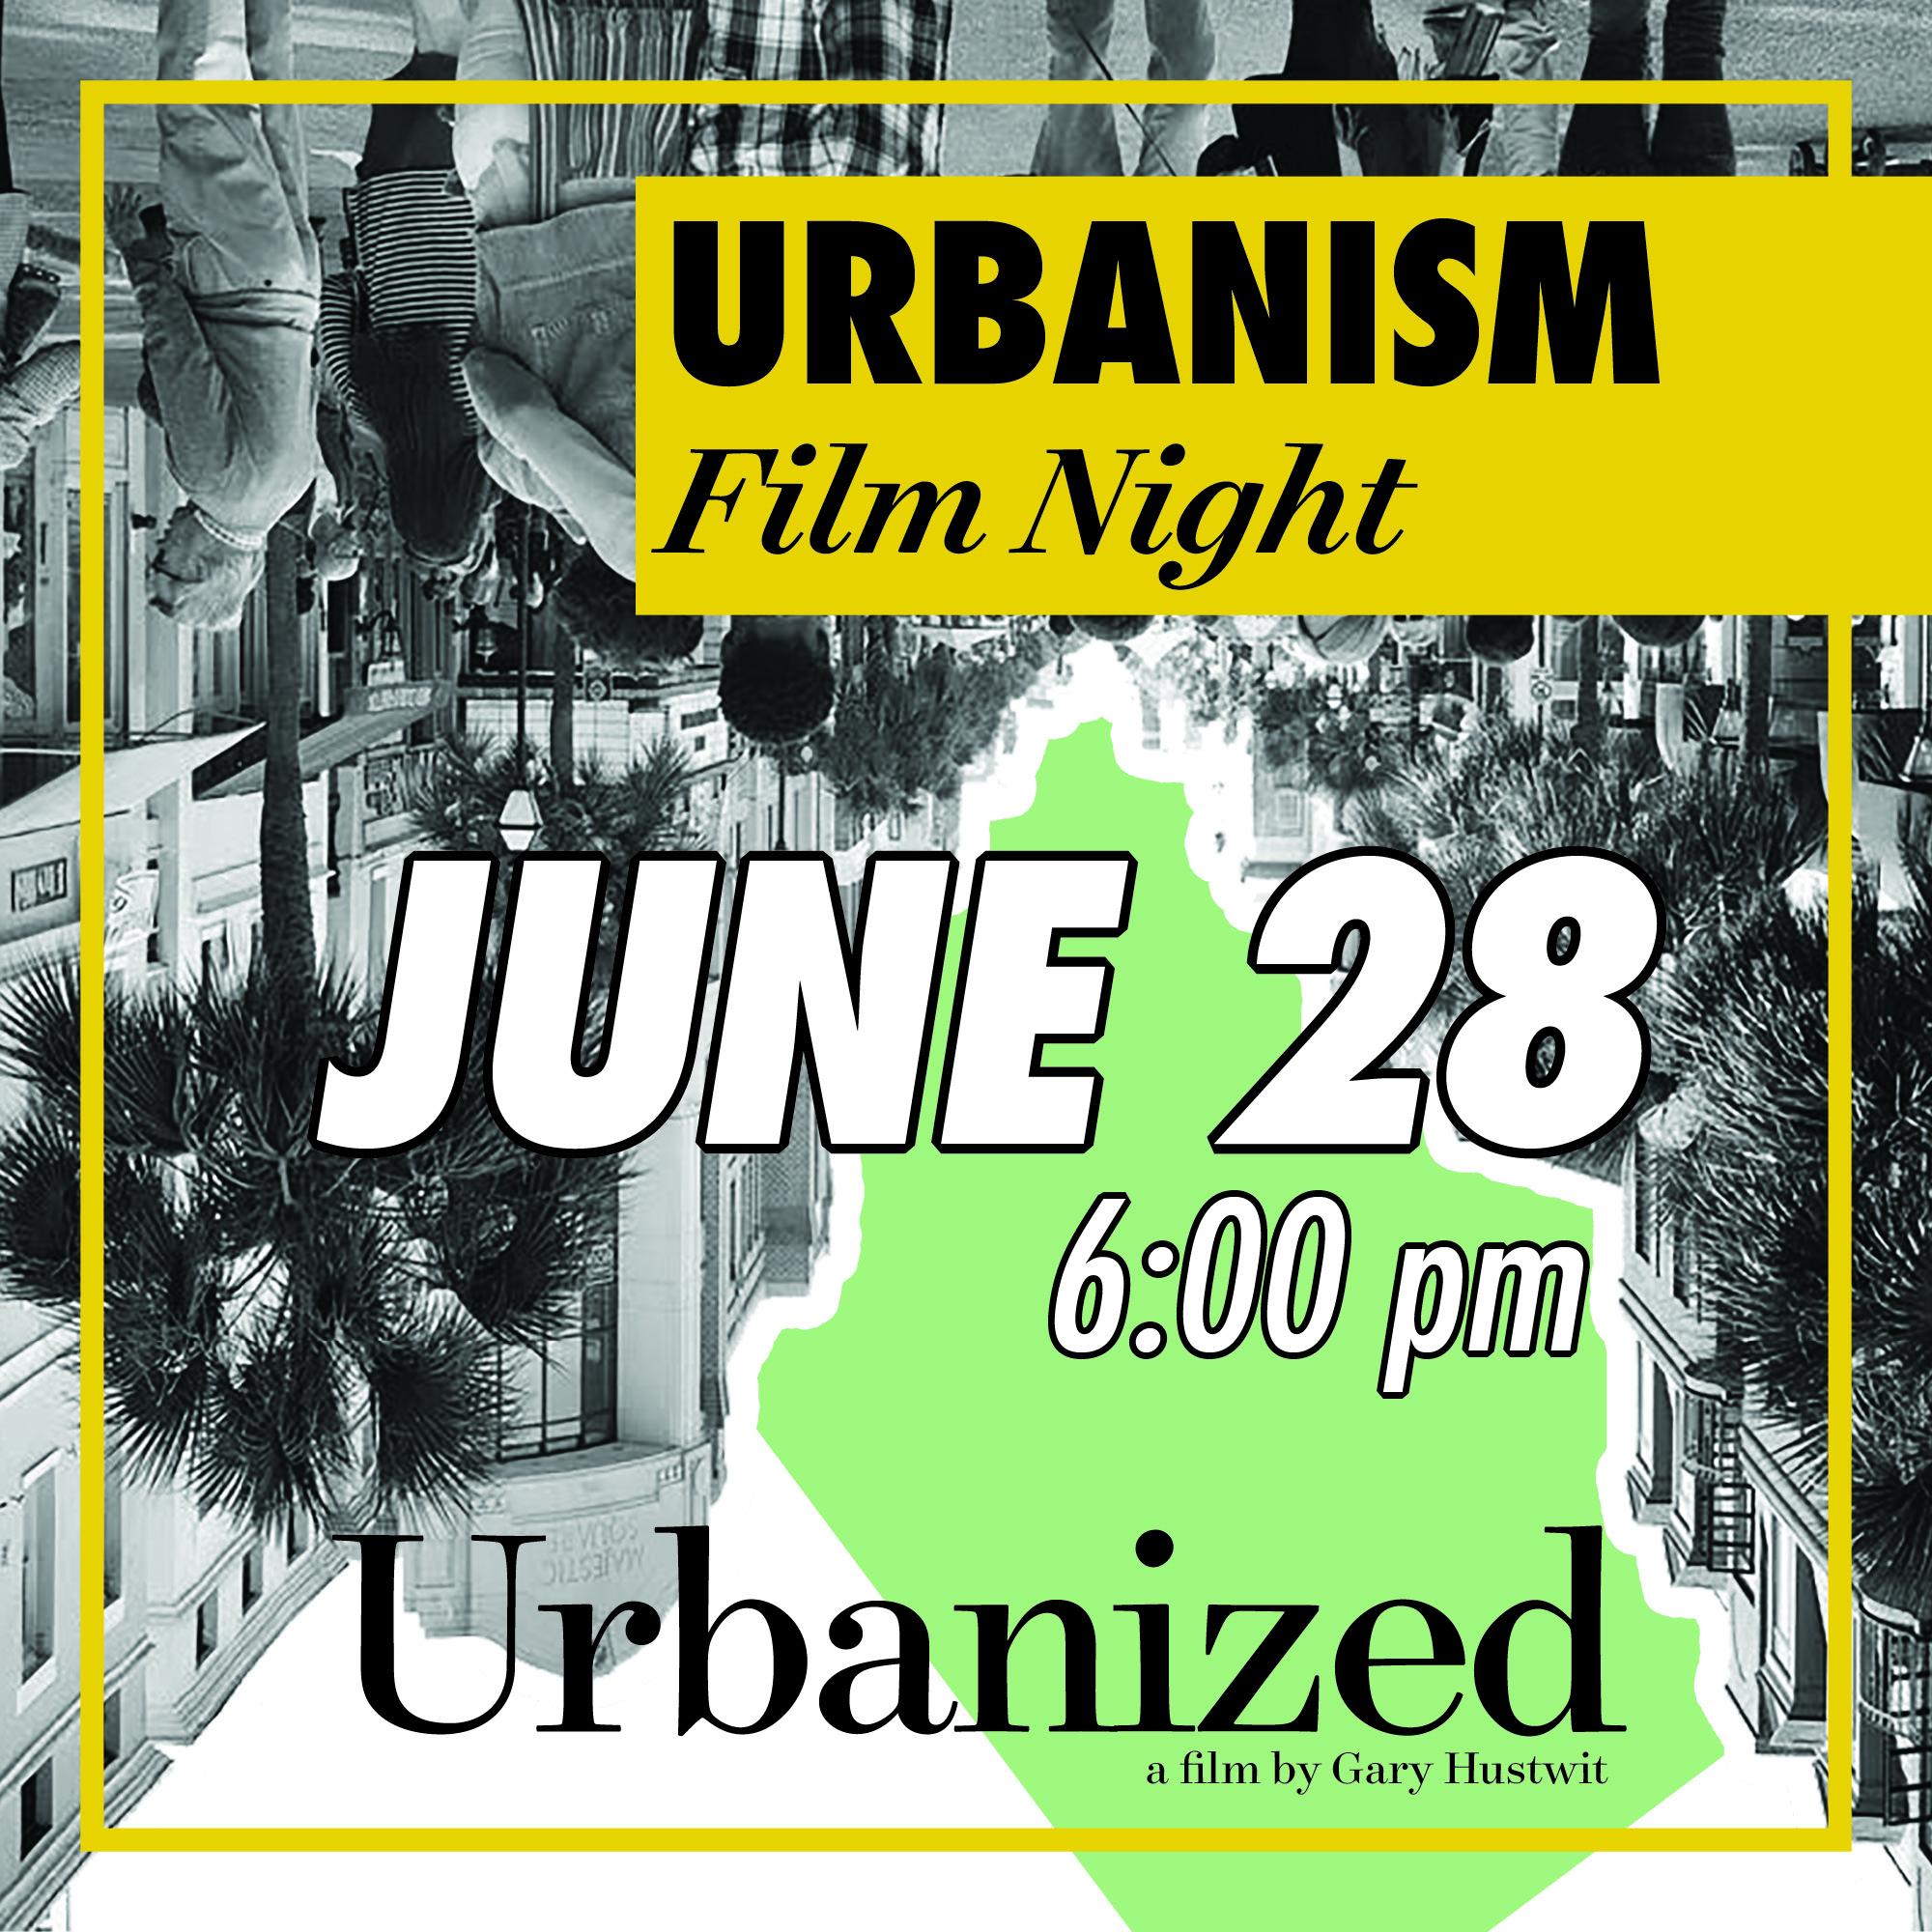 UFN4_June28_Urbanized.jpg